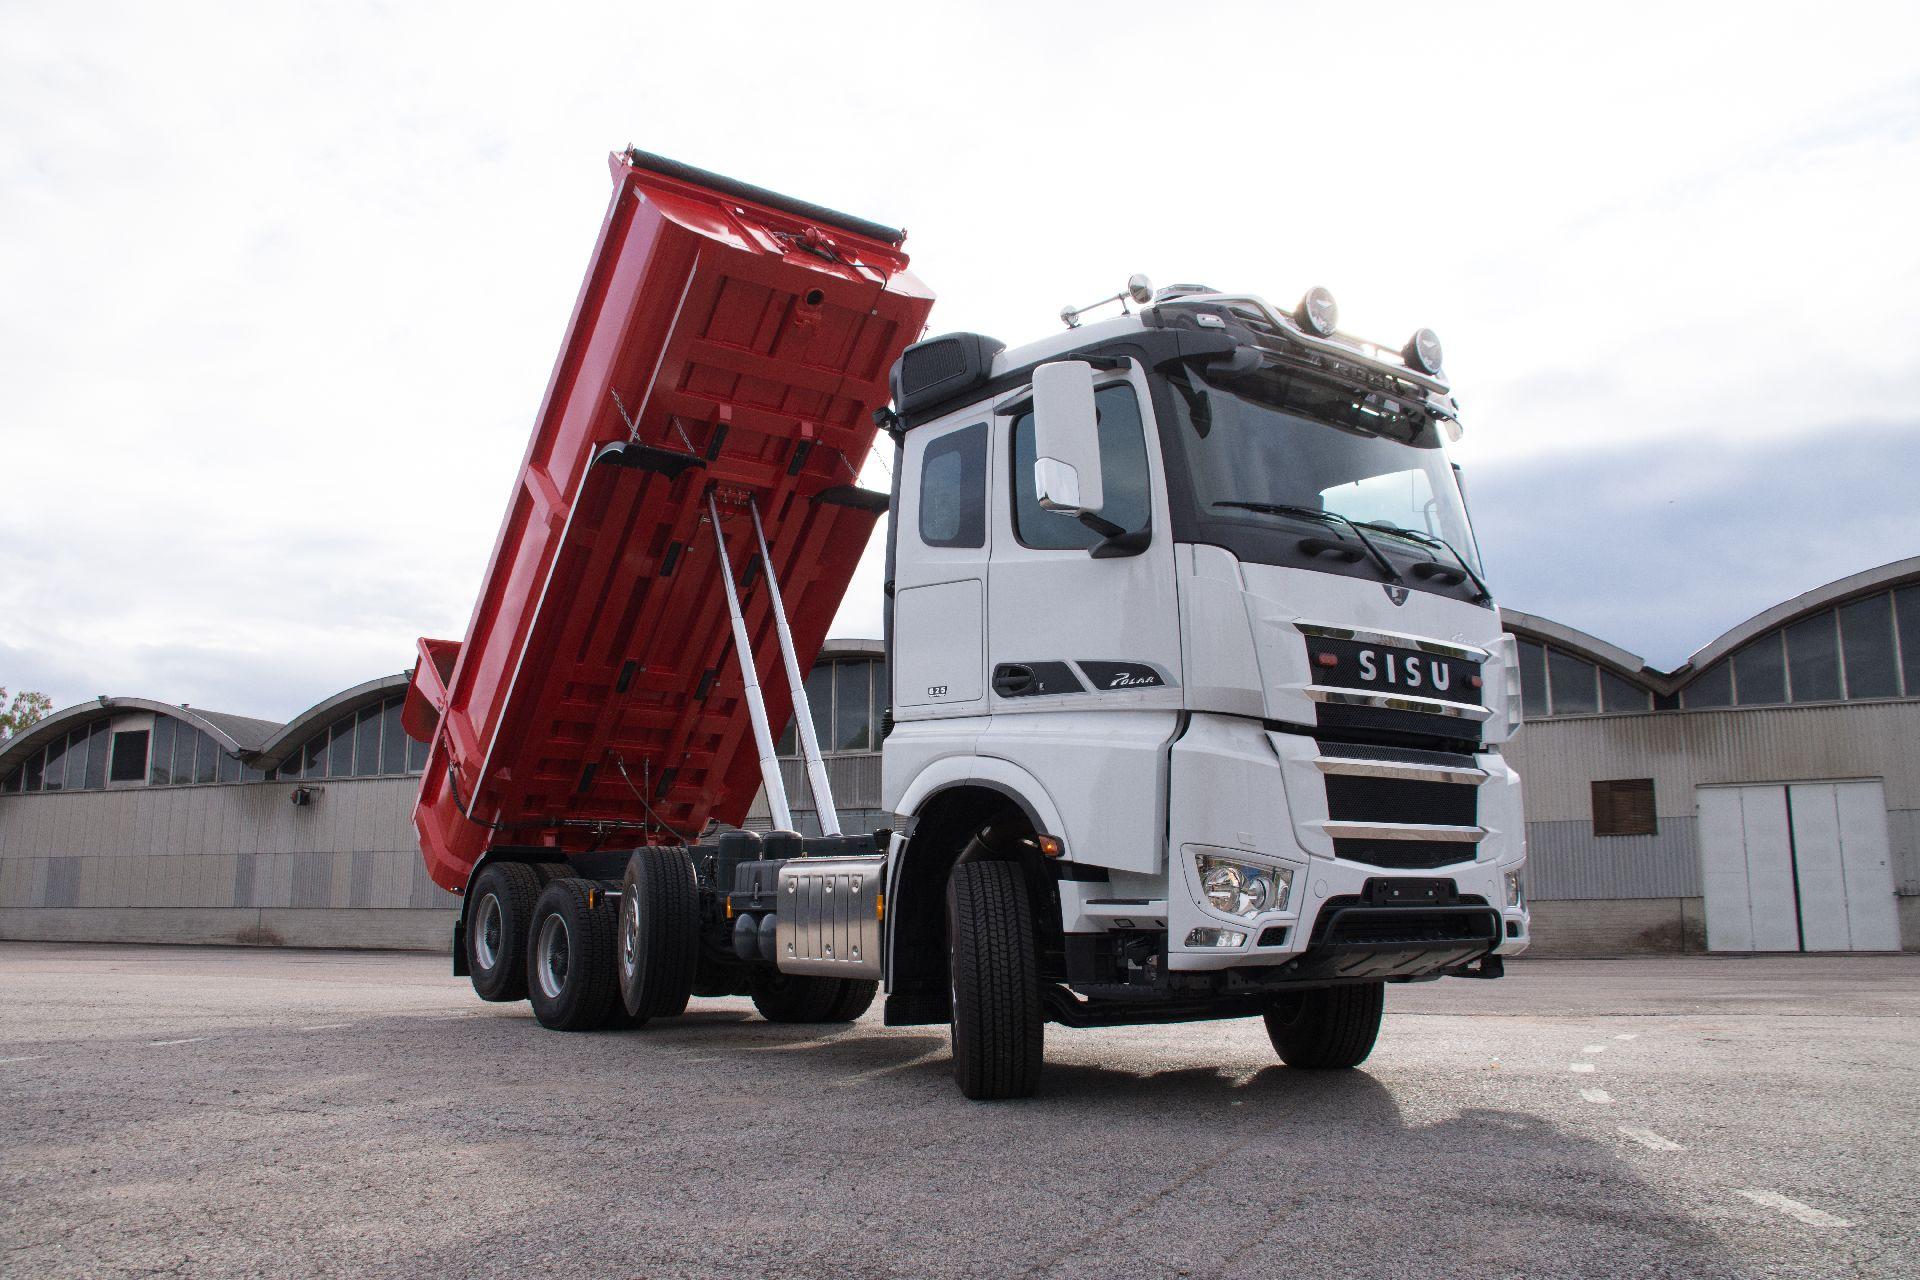 Sisu Polar CK16M 8x4, Tipper trucks, Transportation